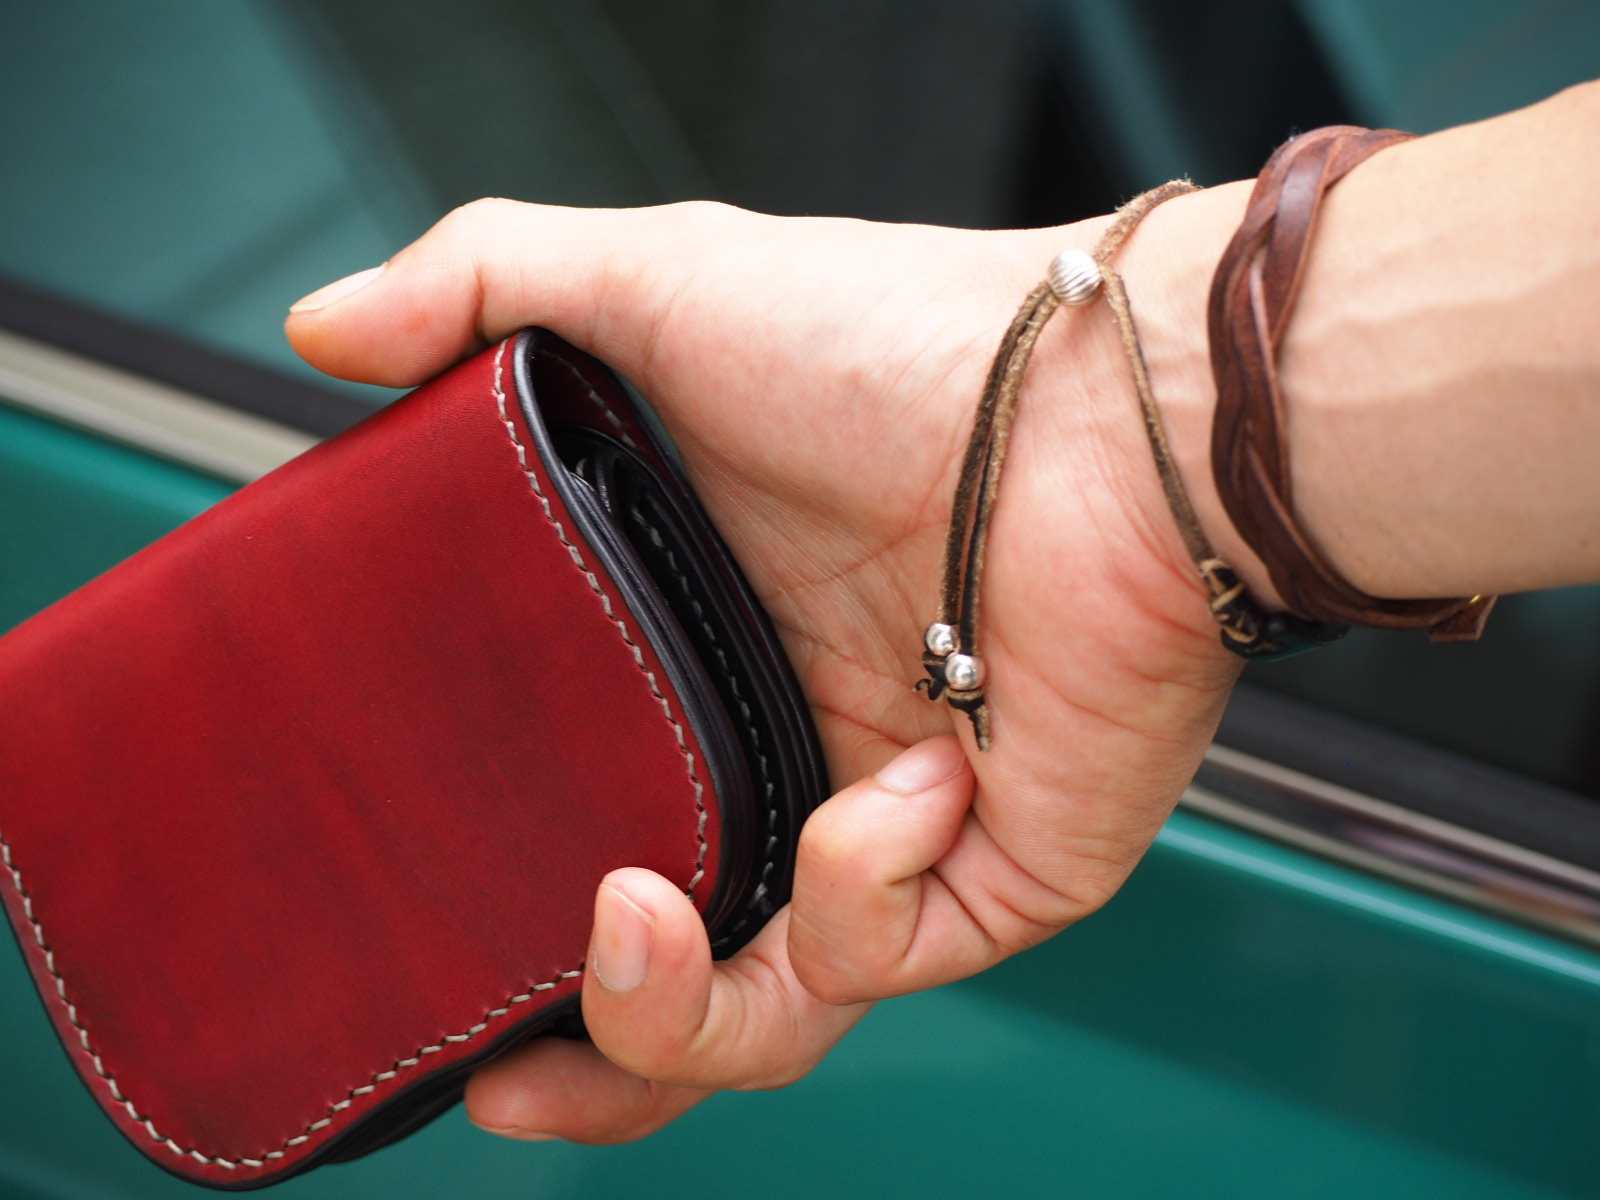 【多脂ベンズ 】ショートウォレット【crown】 type1バーガンディ―×ブラック ≪二つ折り財布≫